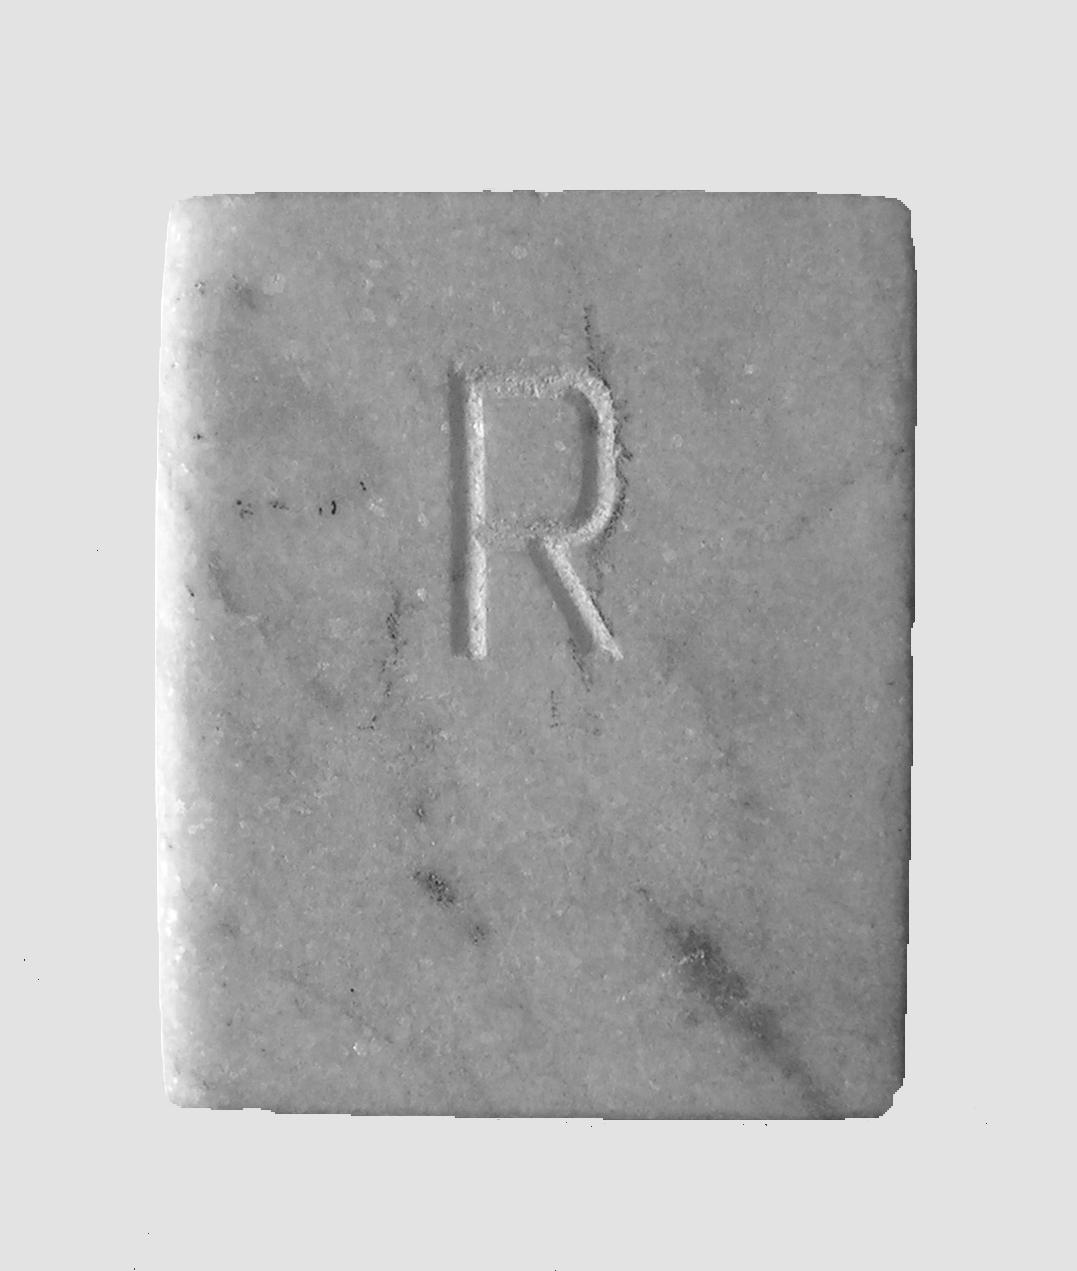 Abecedario, R, libro de mármol de Carrara,  18 cm x 3 cm x 15 cm, 1984